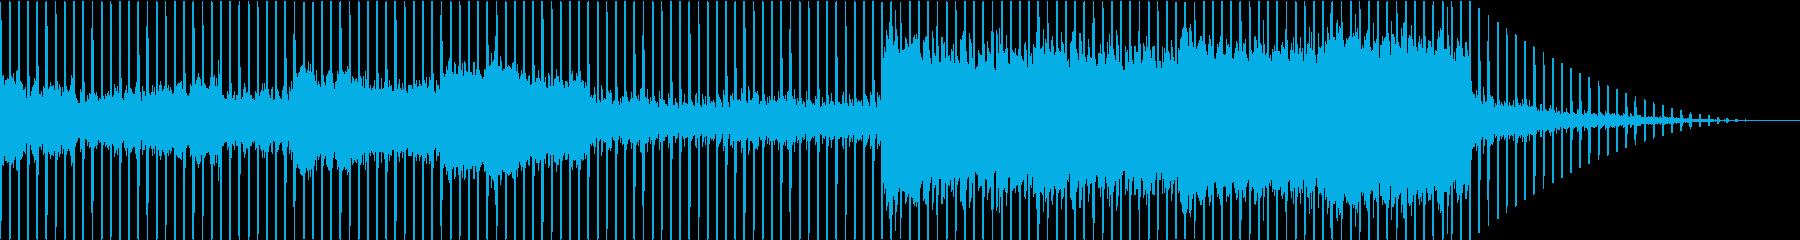 壮大でゆったりとしたエレクトロニカの再生済みの波形